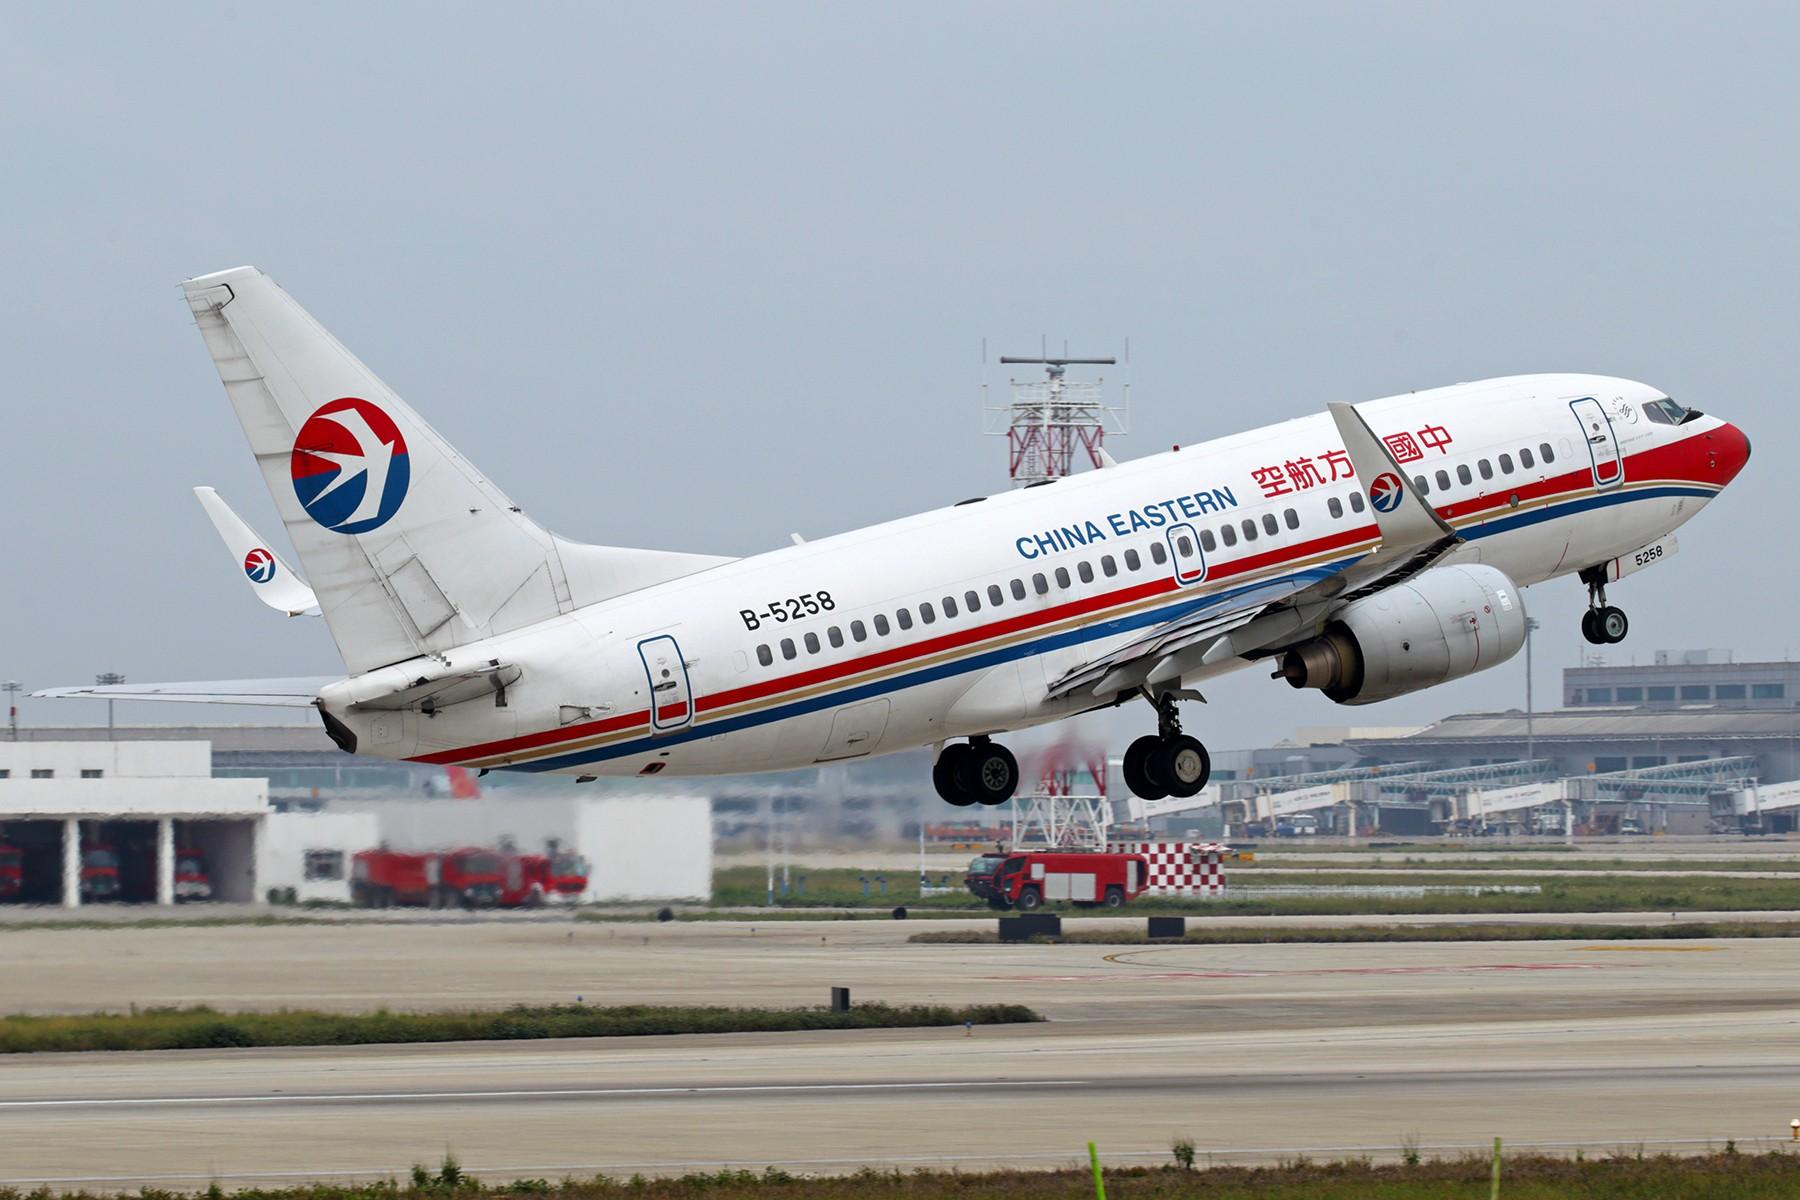 Re:[原创]【BLDDQ】******NKG07/25单跑道运行中----先贴波音****** BOEING 737-700 B-5258 中国南京禄口国际机场